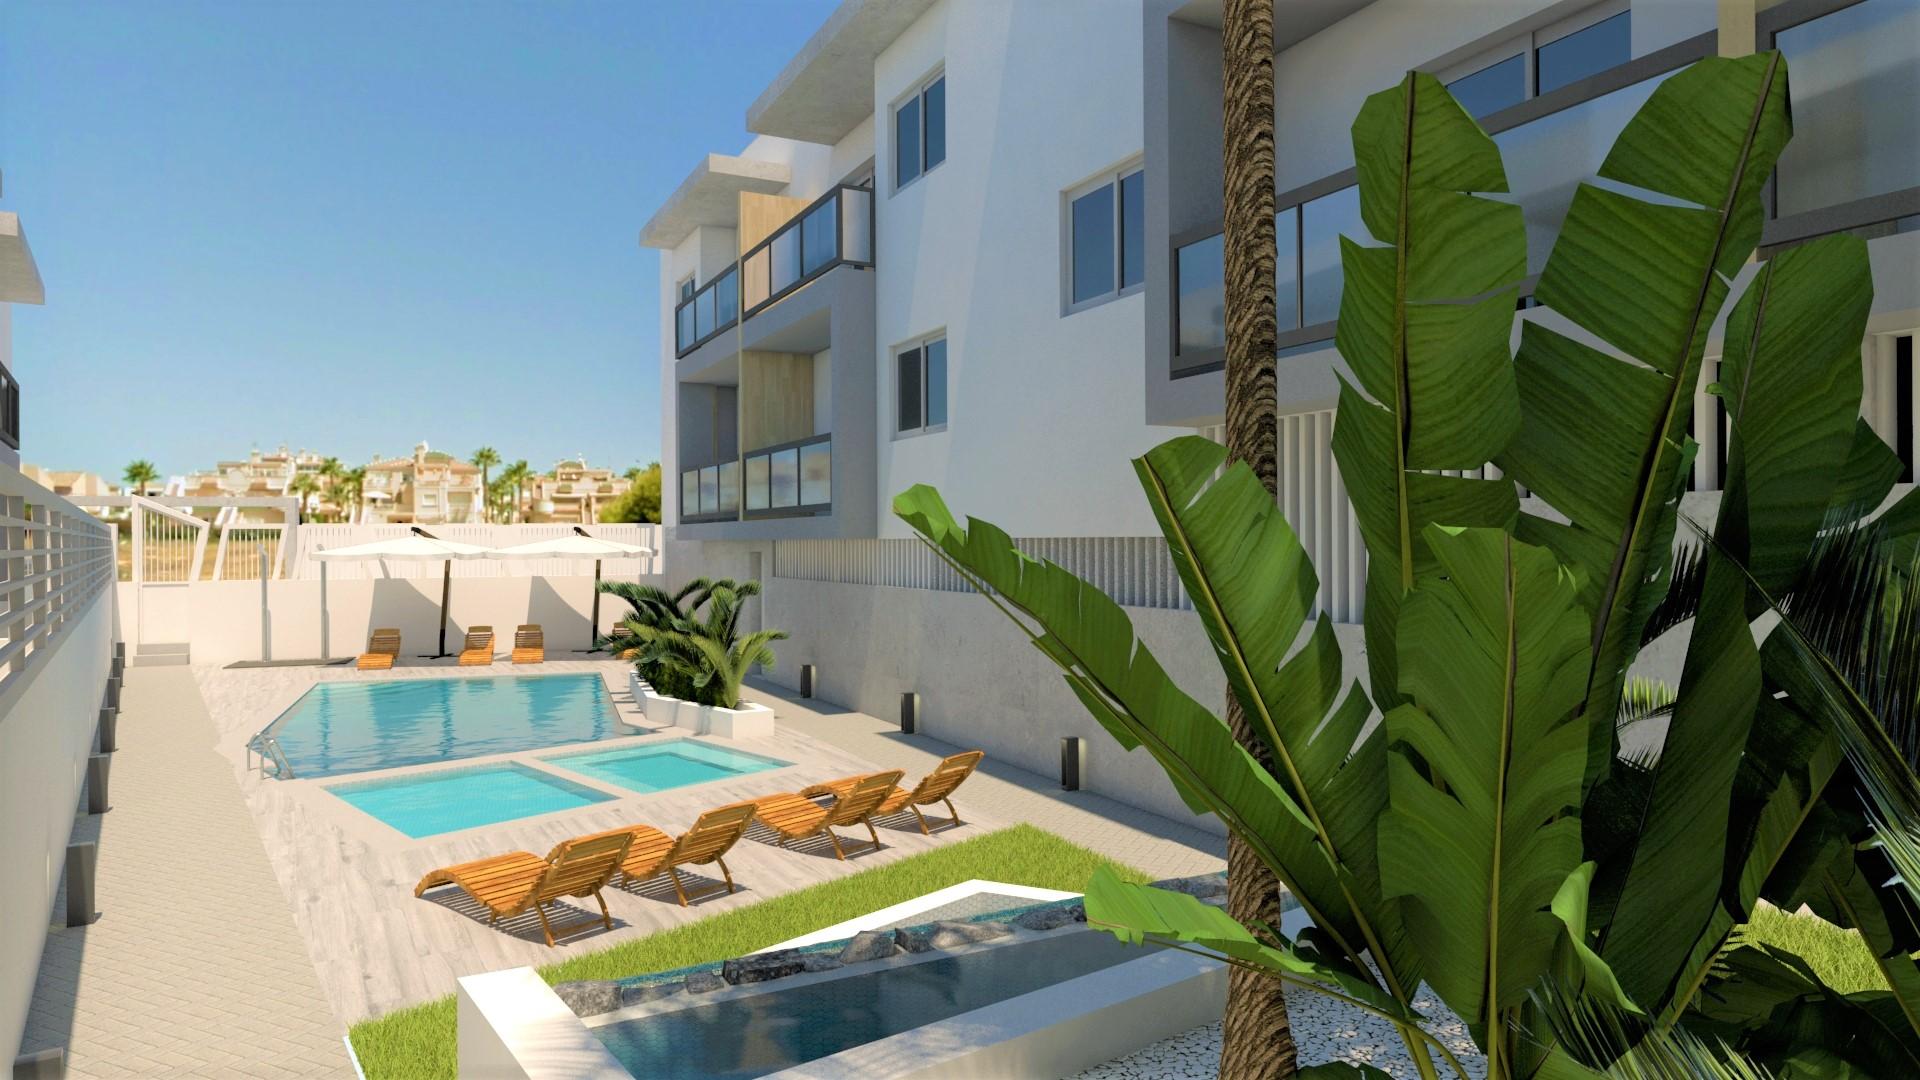 Appartamento  Centro, benijofar, alicante. Apartamento en planta alta con amplio solárium en venta en benij